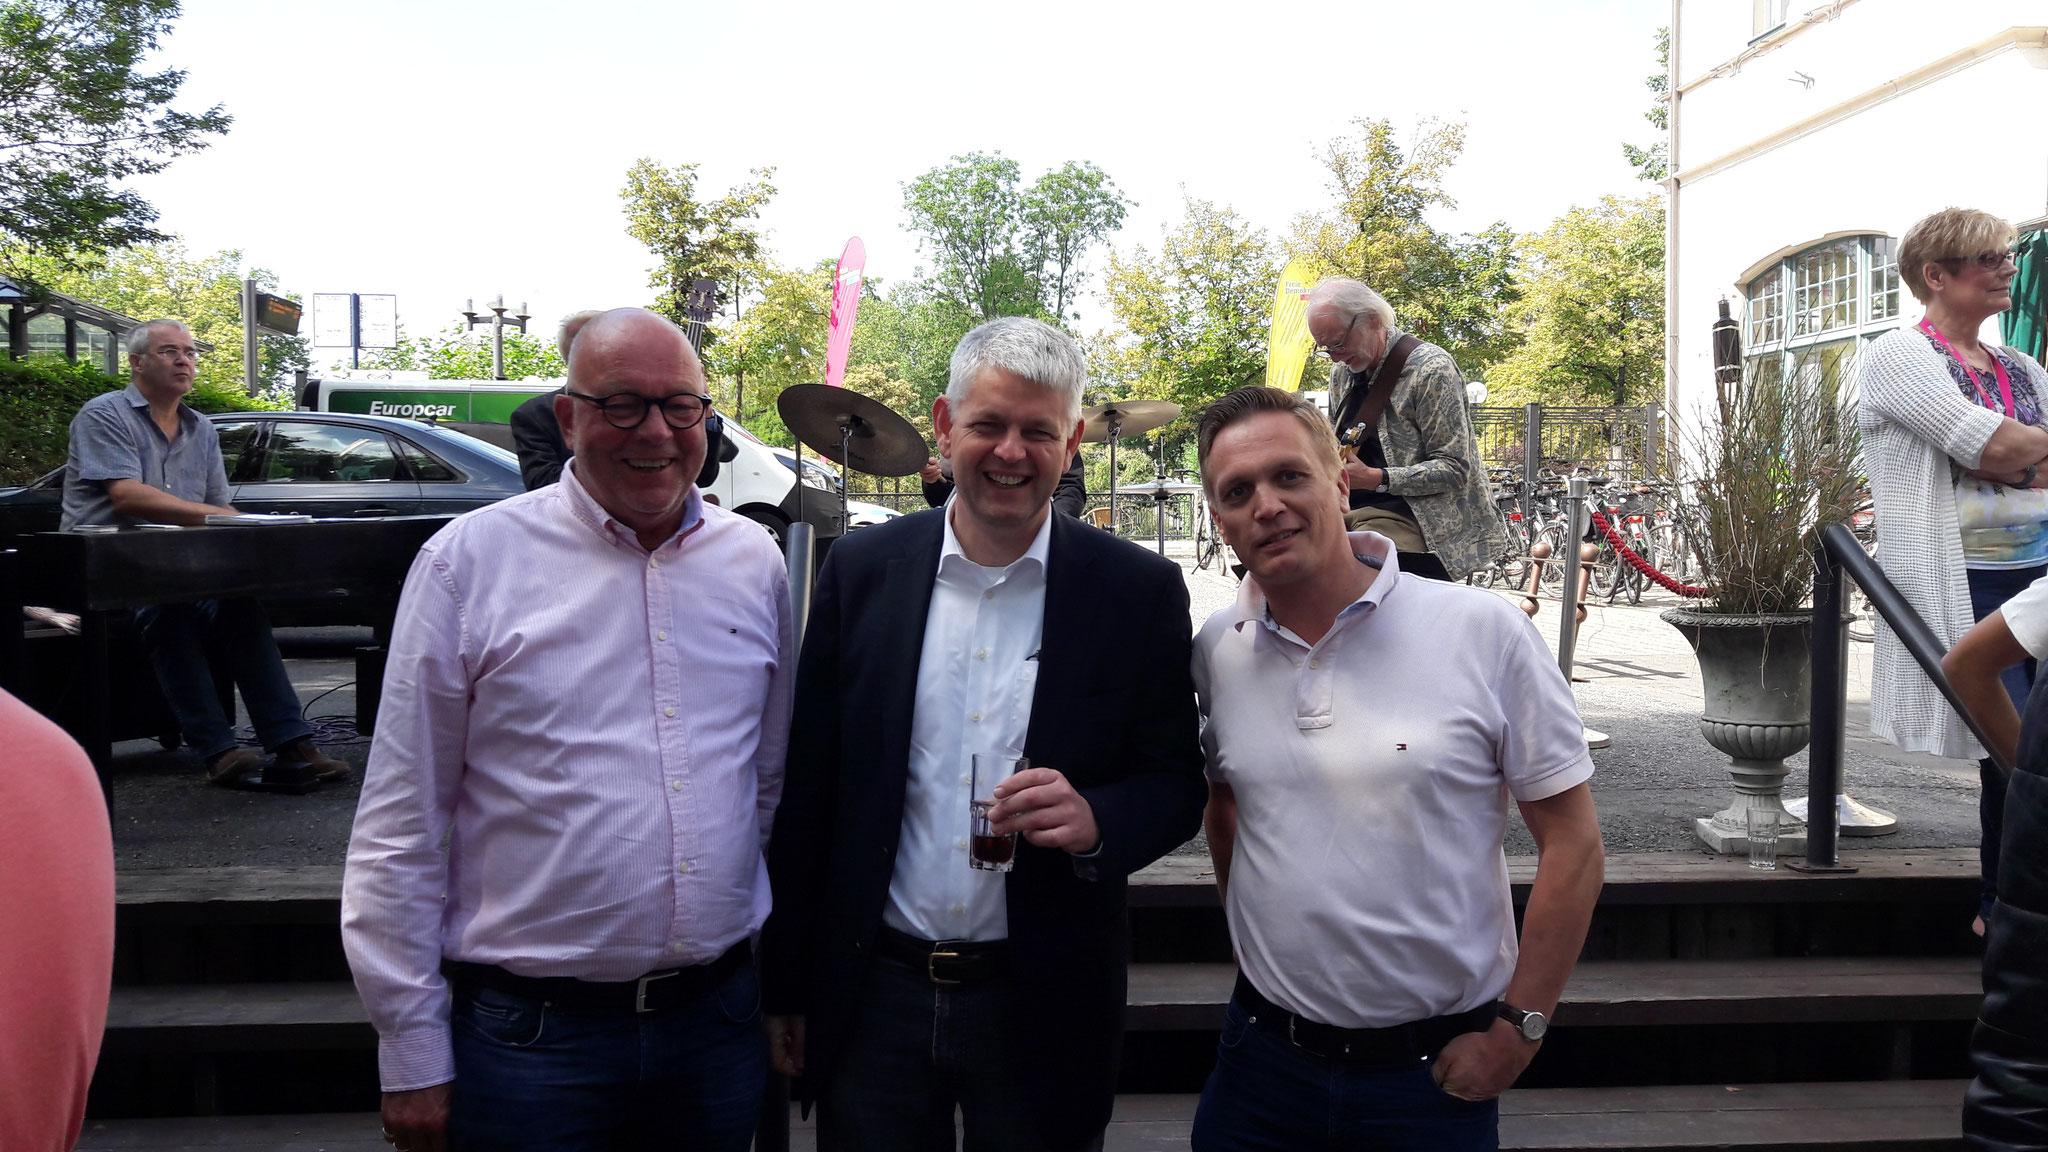 von links nach rechts: Hans-Gerd Völker, Christoph Dammermann (Staatsekretär im Ministerium für Wirtschaft, Innovation, Digitalisierung und Energie), Arno Zurbrüggen